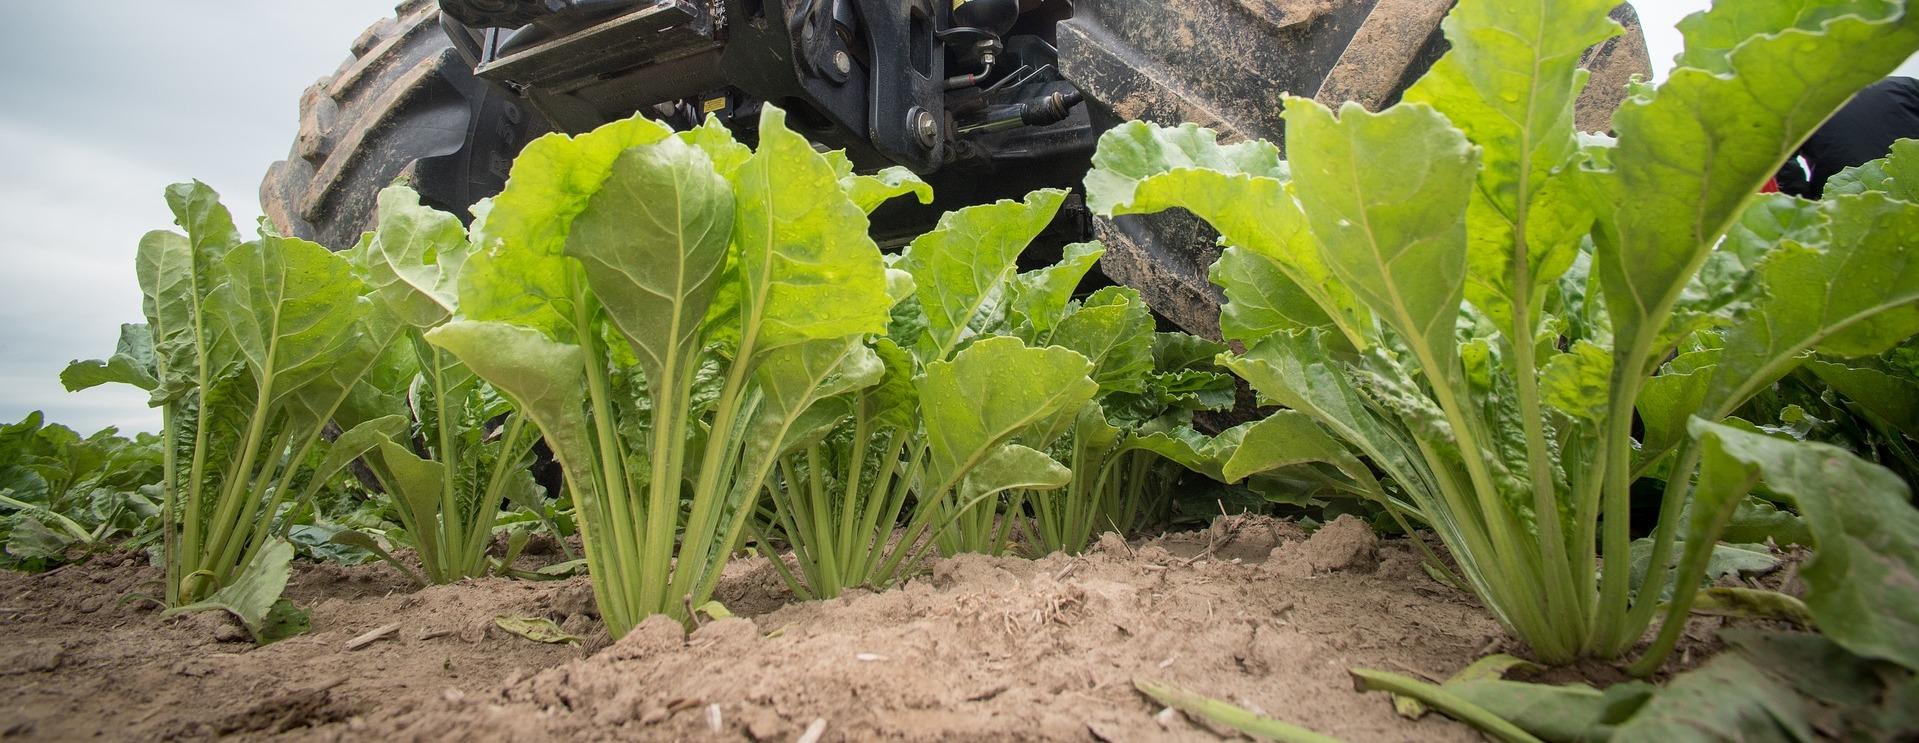 Rusagro va acheter des semences hybrides de betteraves sucrières russes